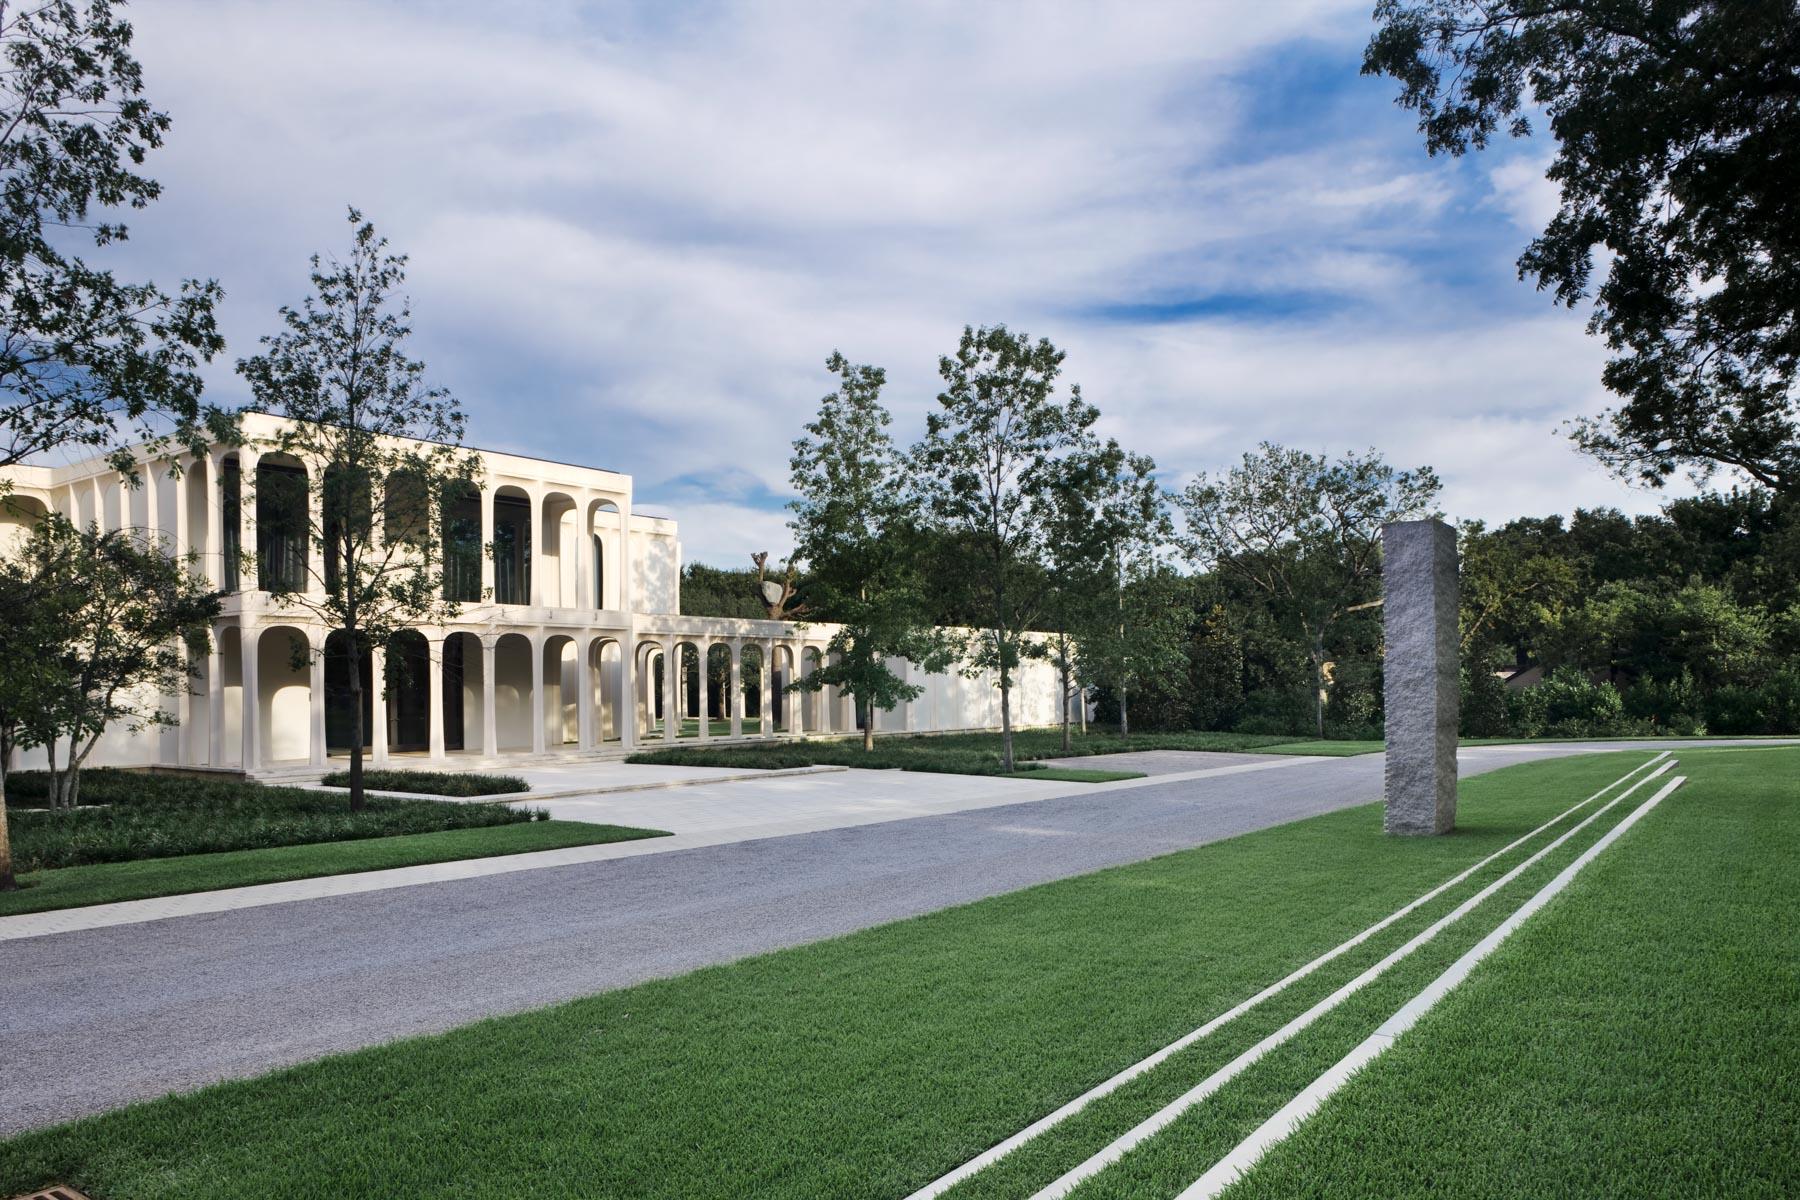 Casa Unifamiliar por un Venta en Philip Johnson Masterpiece 10210 Strait Ln Dallas, Texas 75229 Estados Unidos